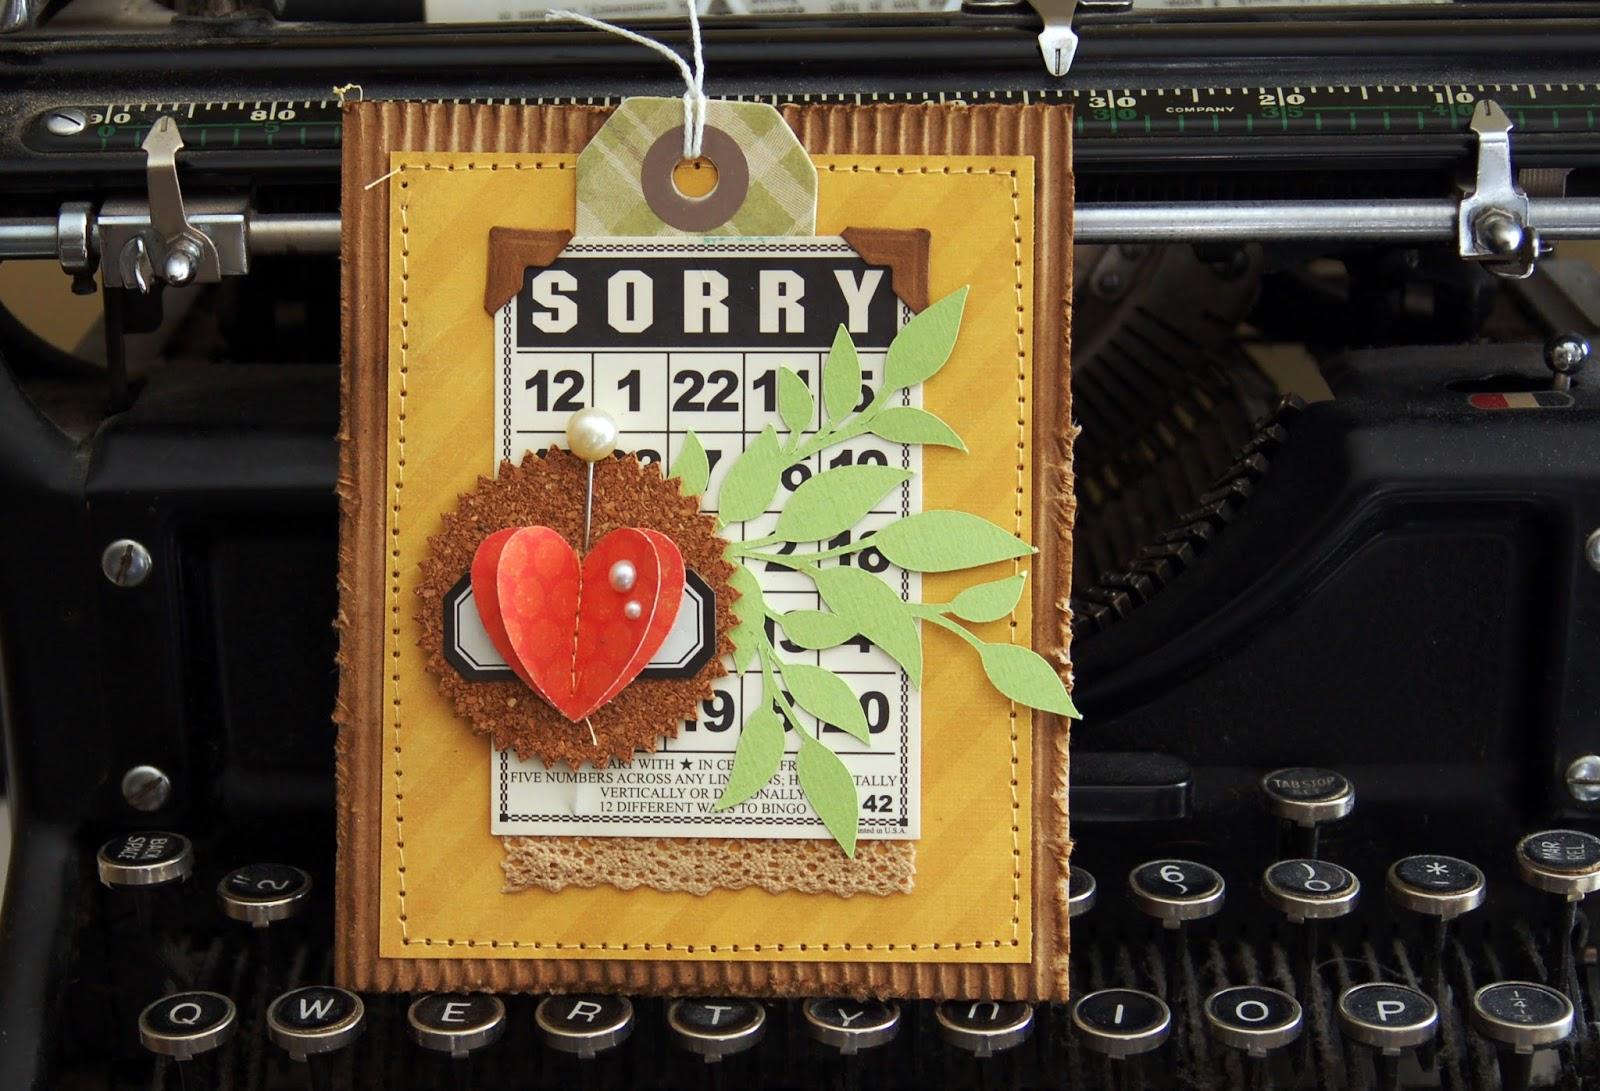 http://2.bp.blogspot.com/-6-plwj-vNN4/VDZ-jPBvRSI/AAAAAAAATPc/VKzI7Gtm-30/s1600/Sorry-Card-by-Jen-Gallacher.jpg